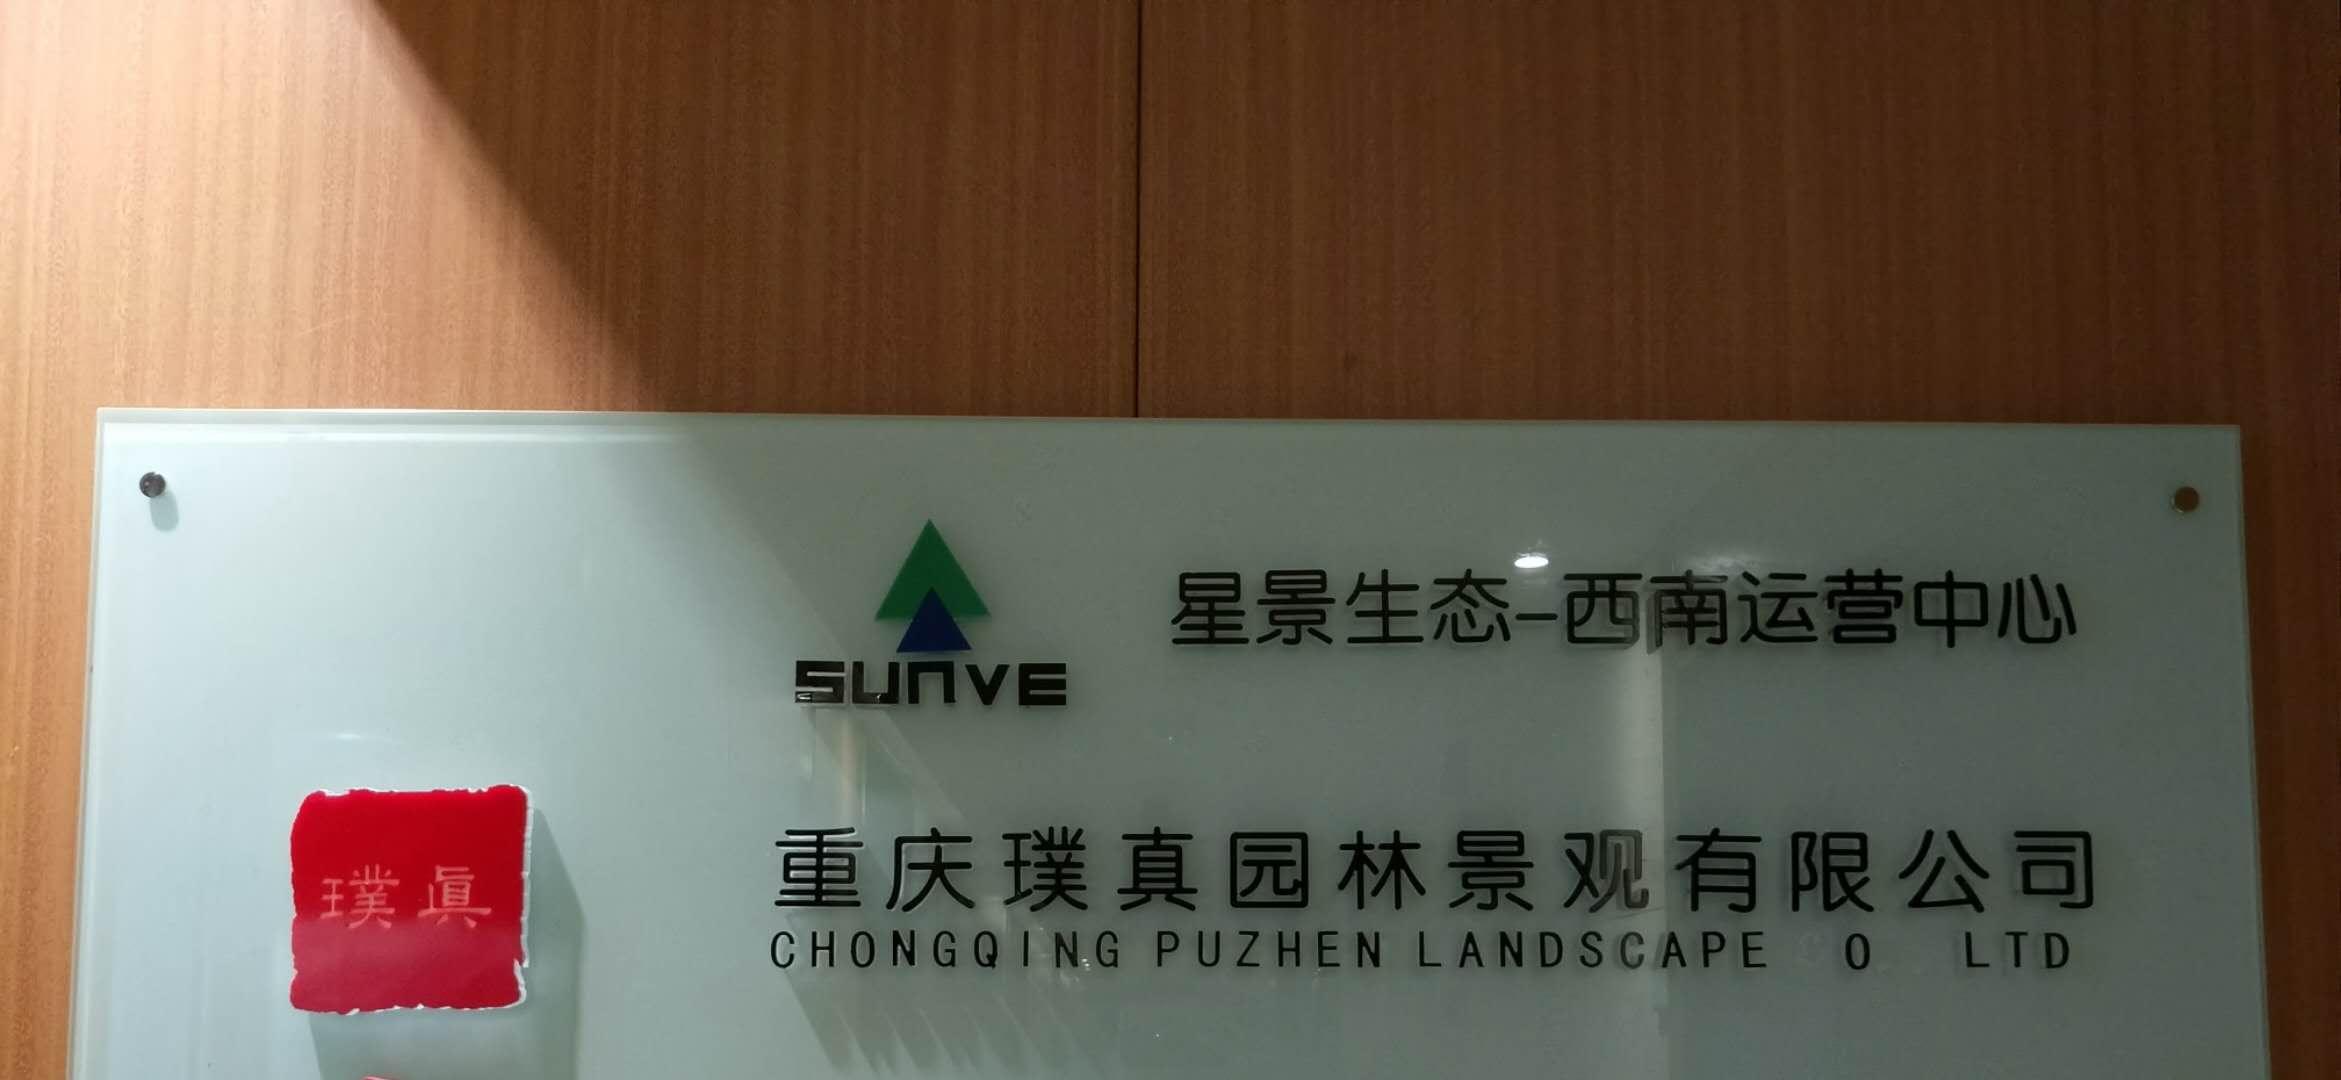 重慶璞真園林景觀有限公司_聯英人才網_hrm.cn